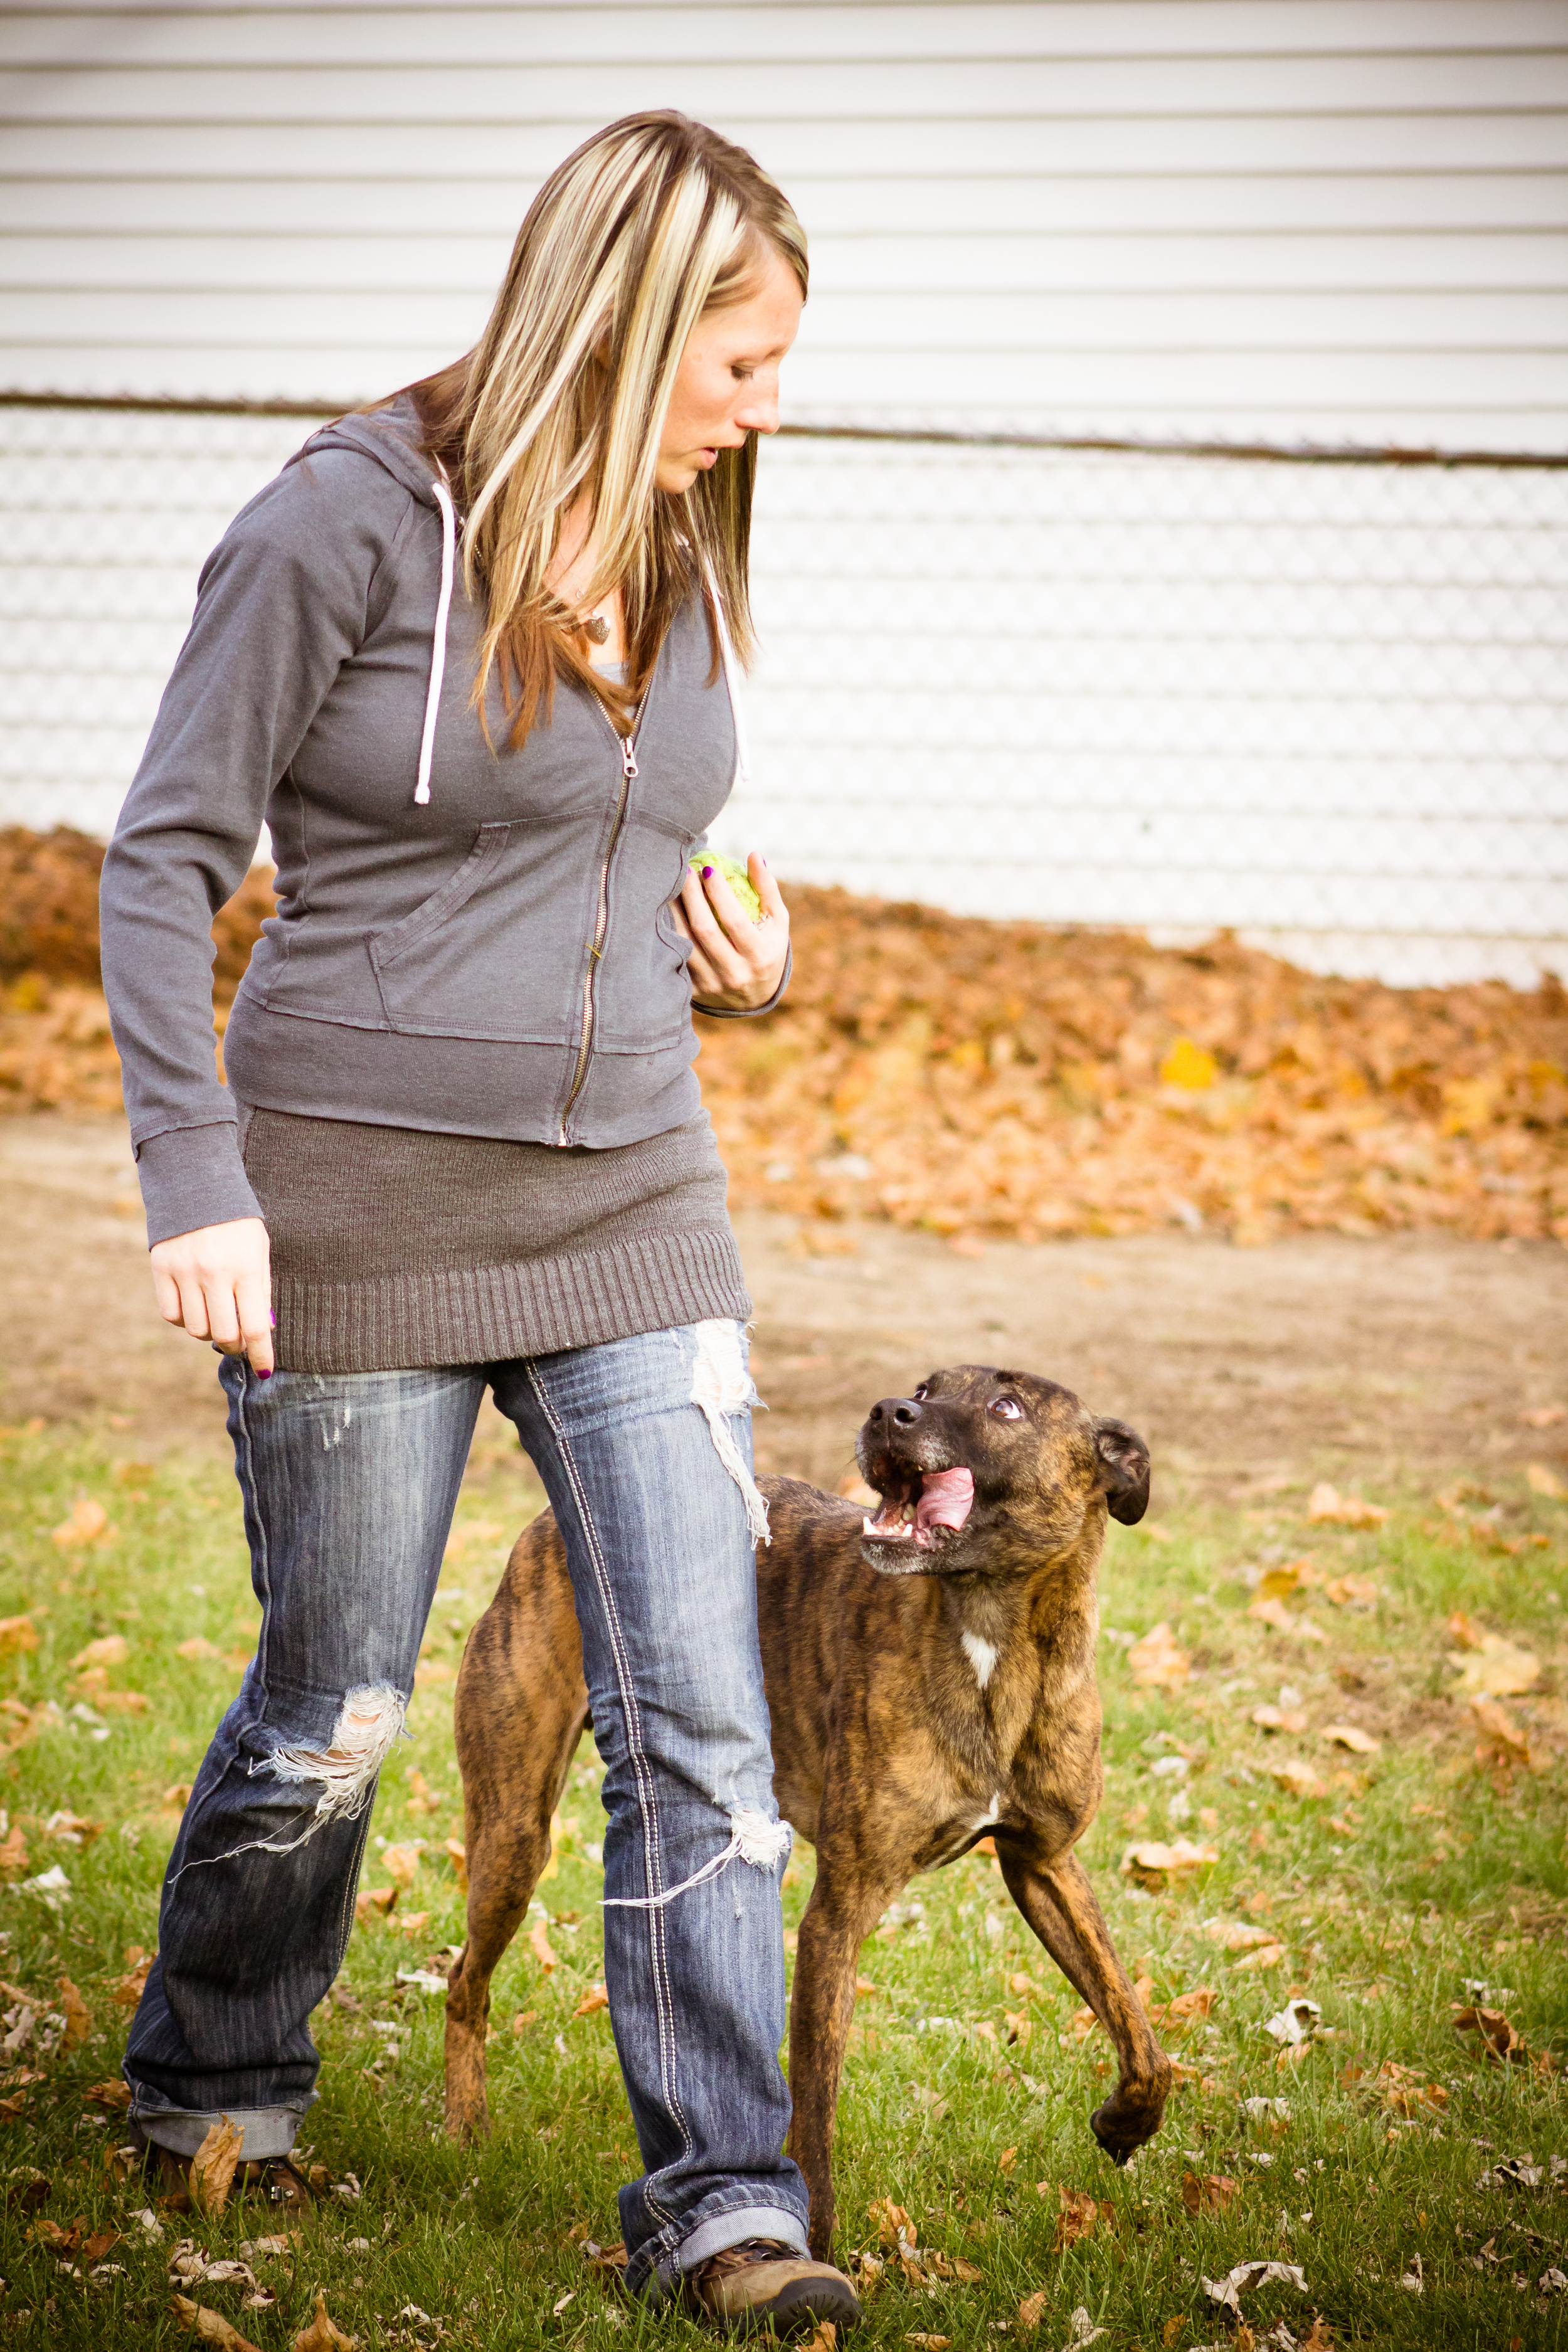 dog heeling obedience